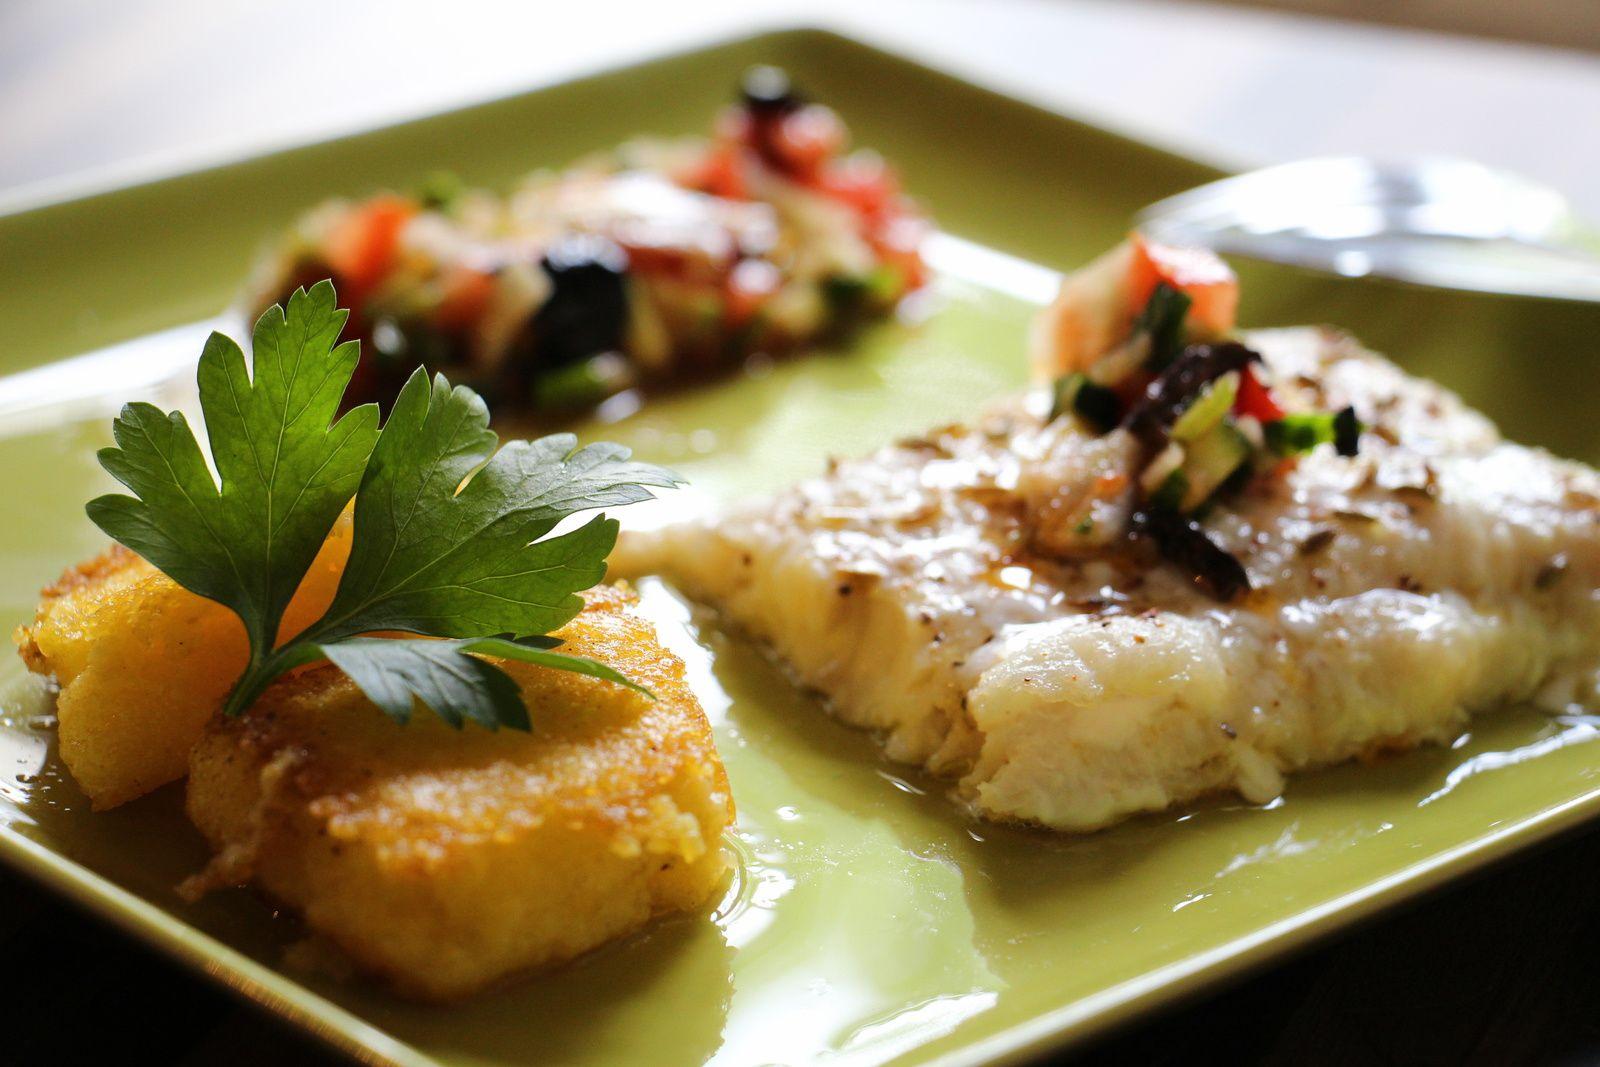 Filet de bar au fenouil, sauce vierge et polenta croustillante